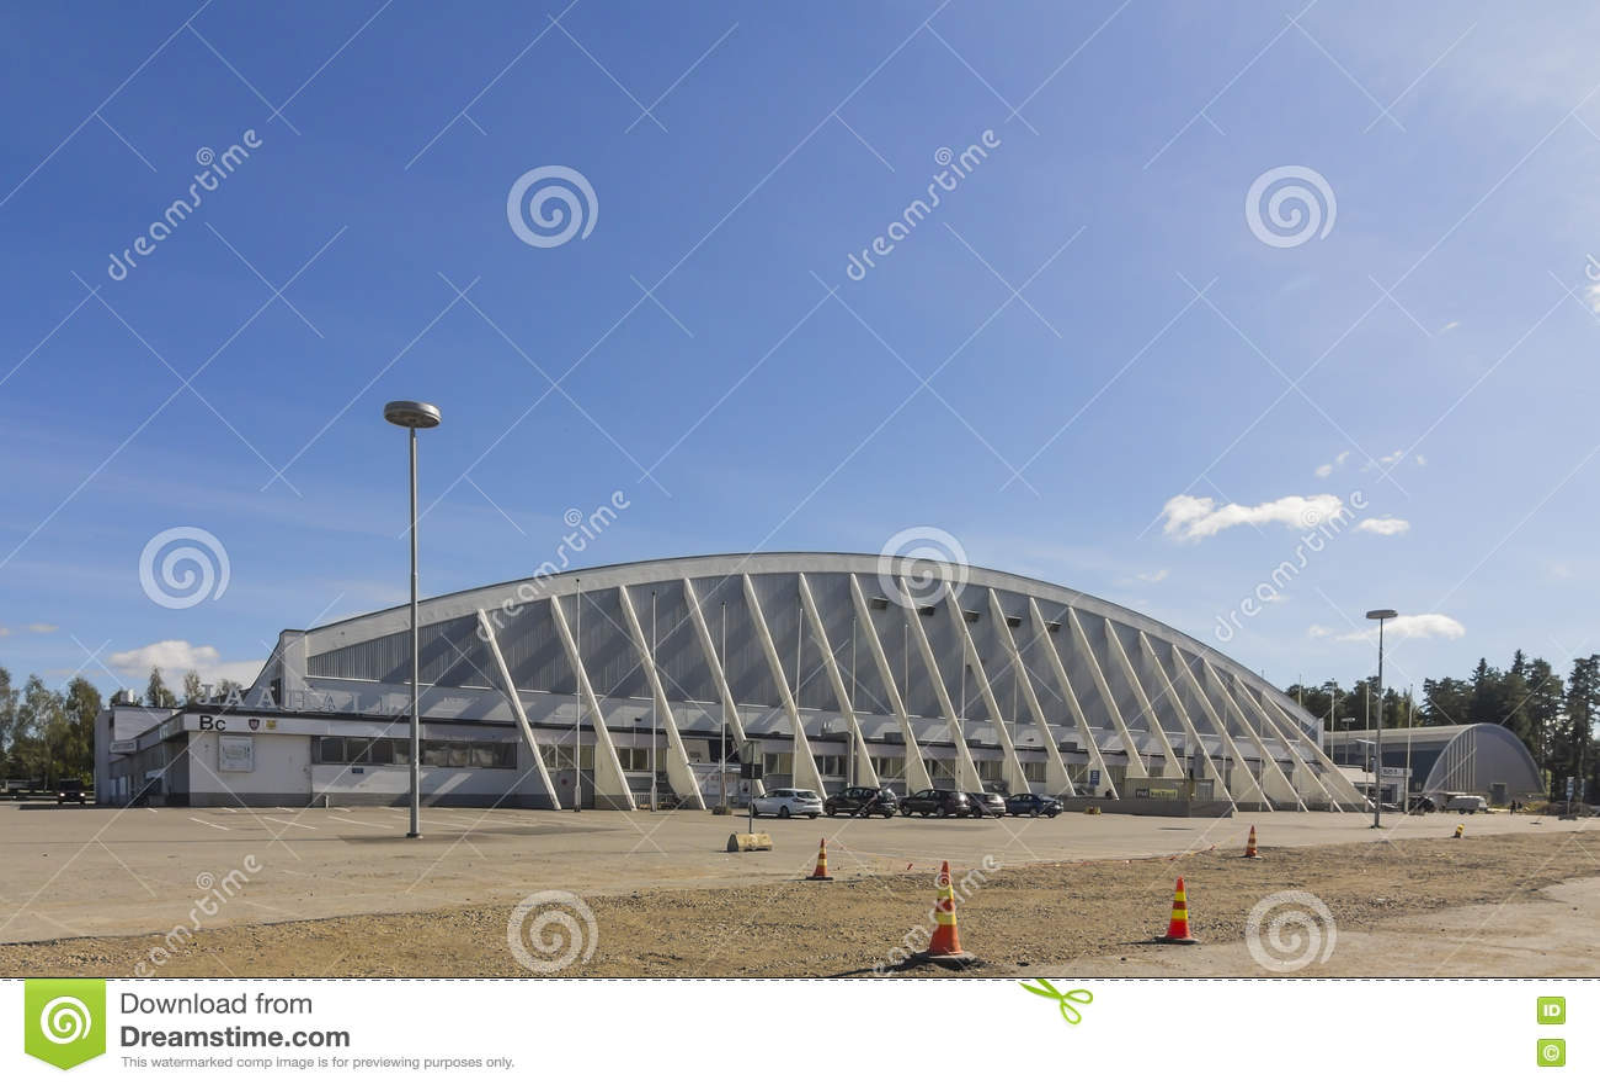 Tampere Ice Stadium